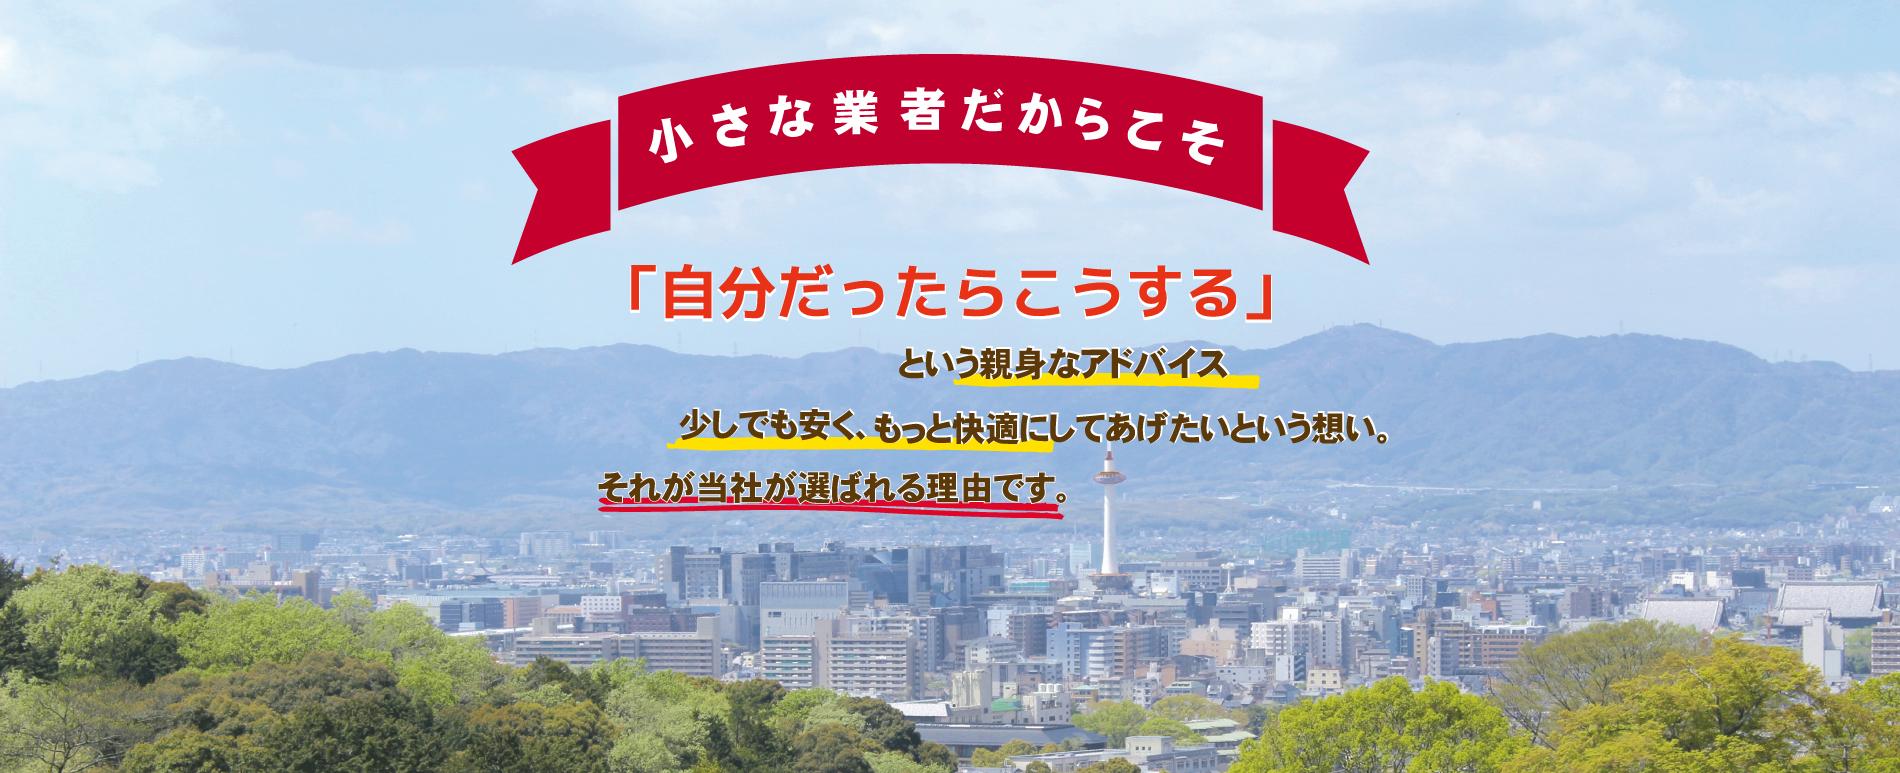 京都のパソコン修理やパソコン設定は、京都エヌシーオーに